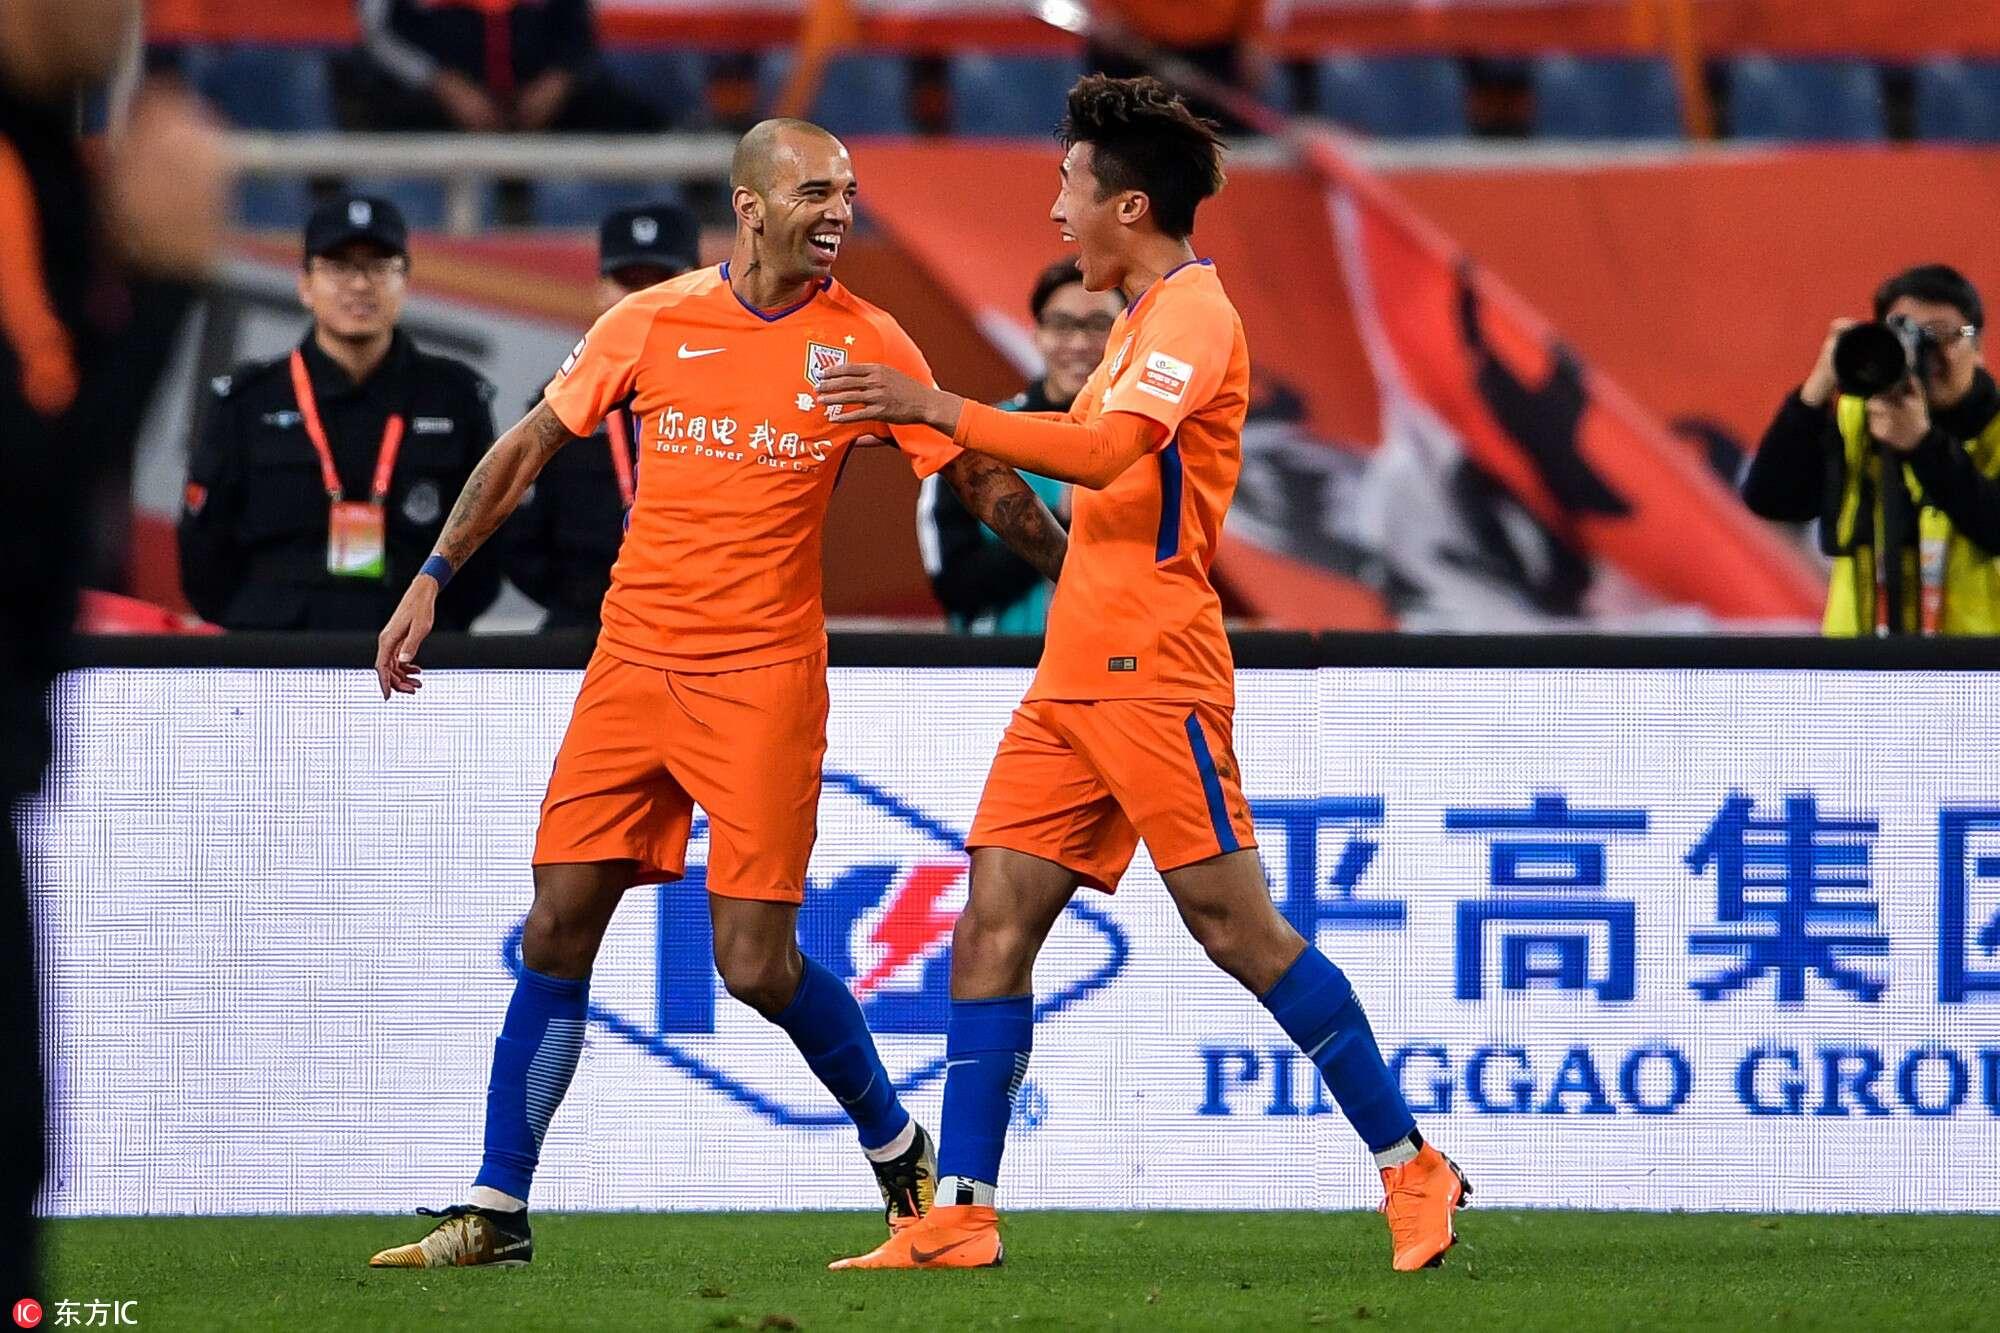 刘洋:主场找回赢球感觉很重要,赛前希望自己进球